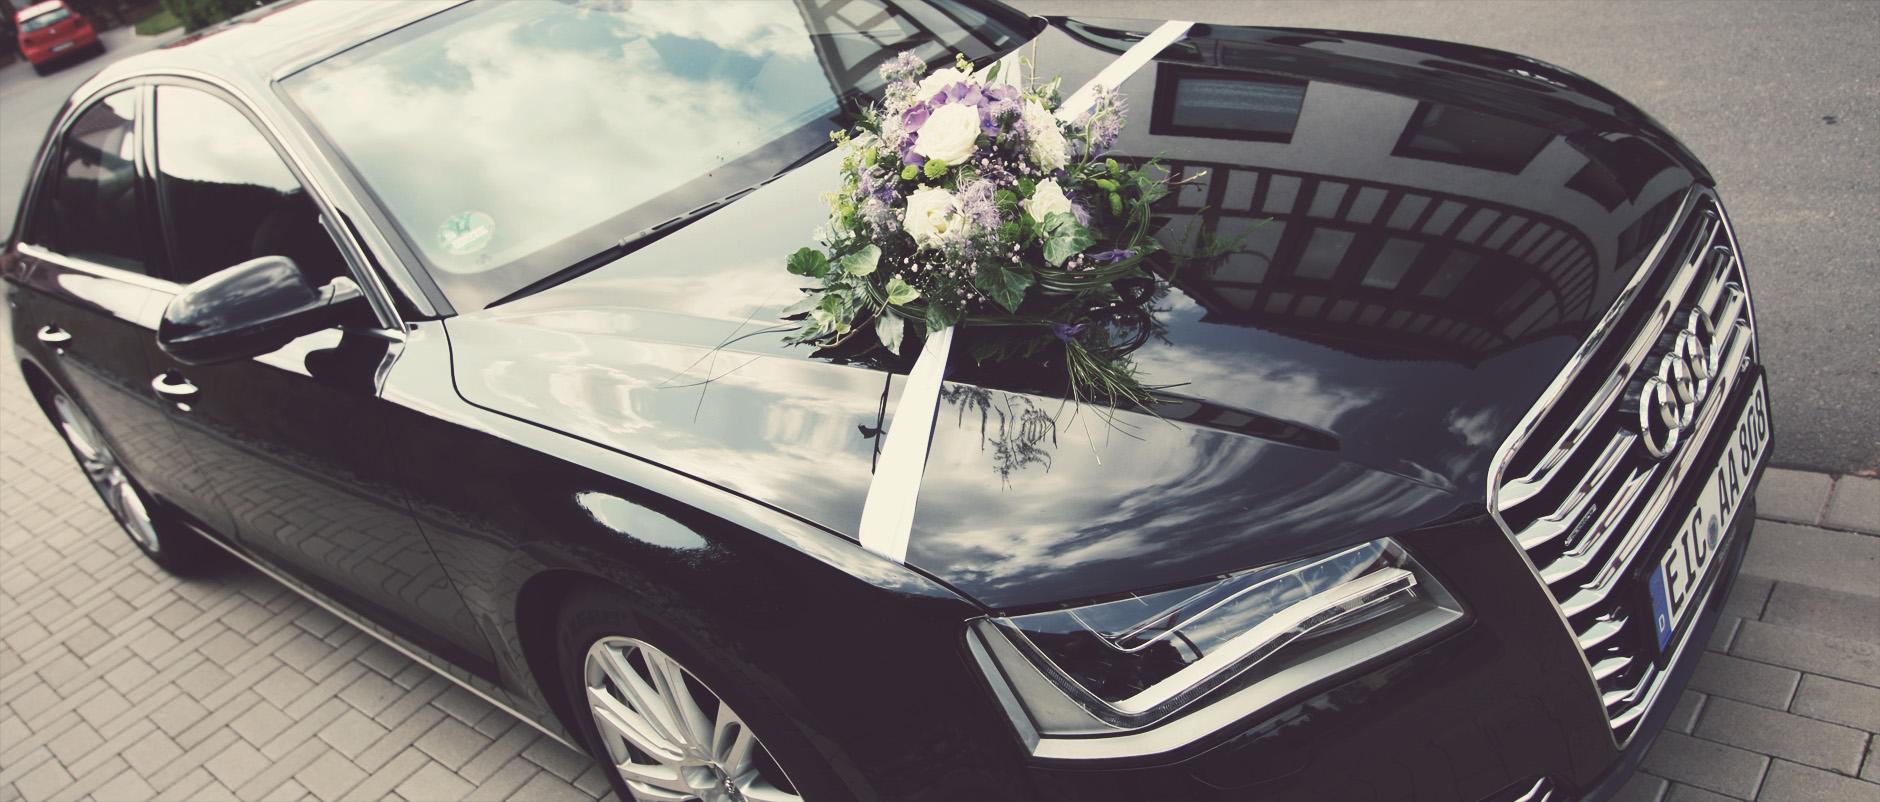 blattwerk-blumen-limousine